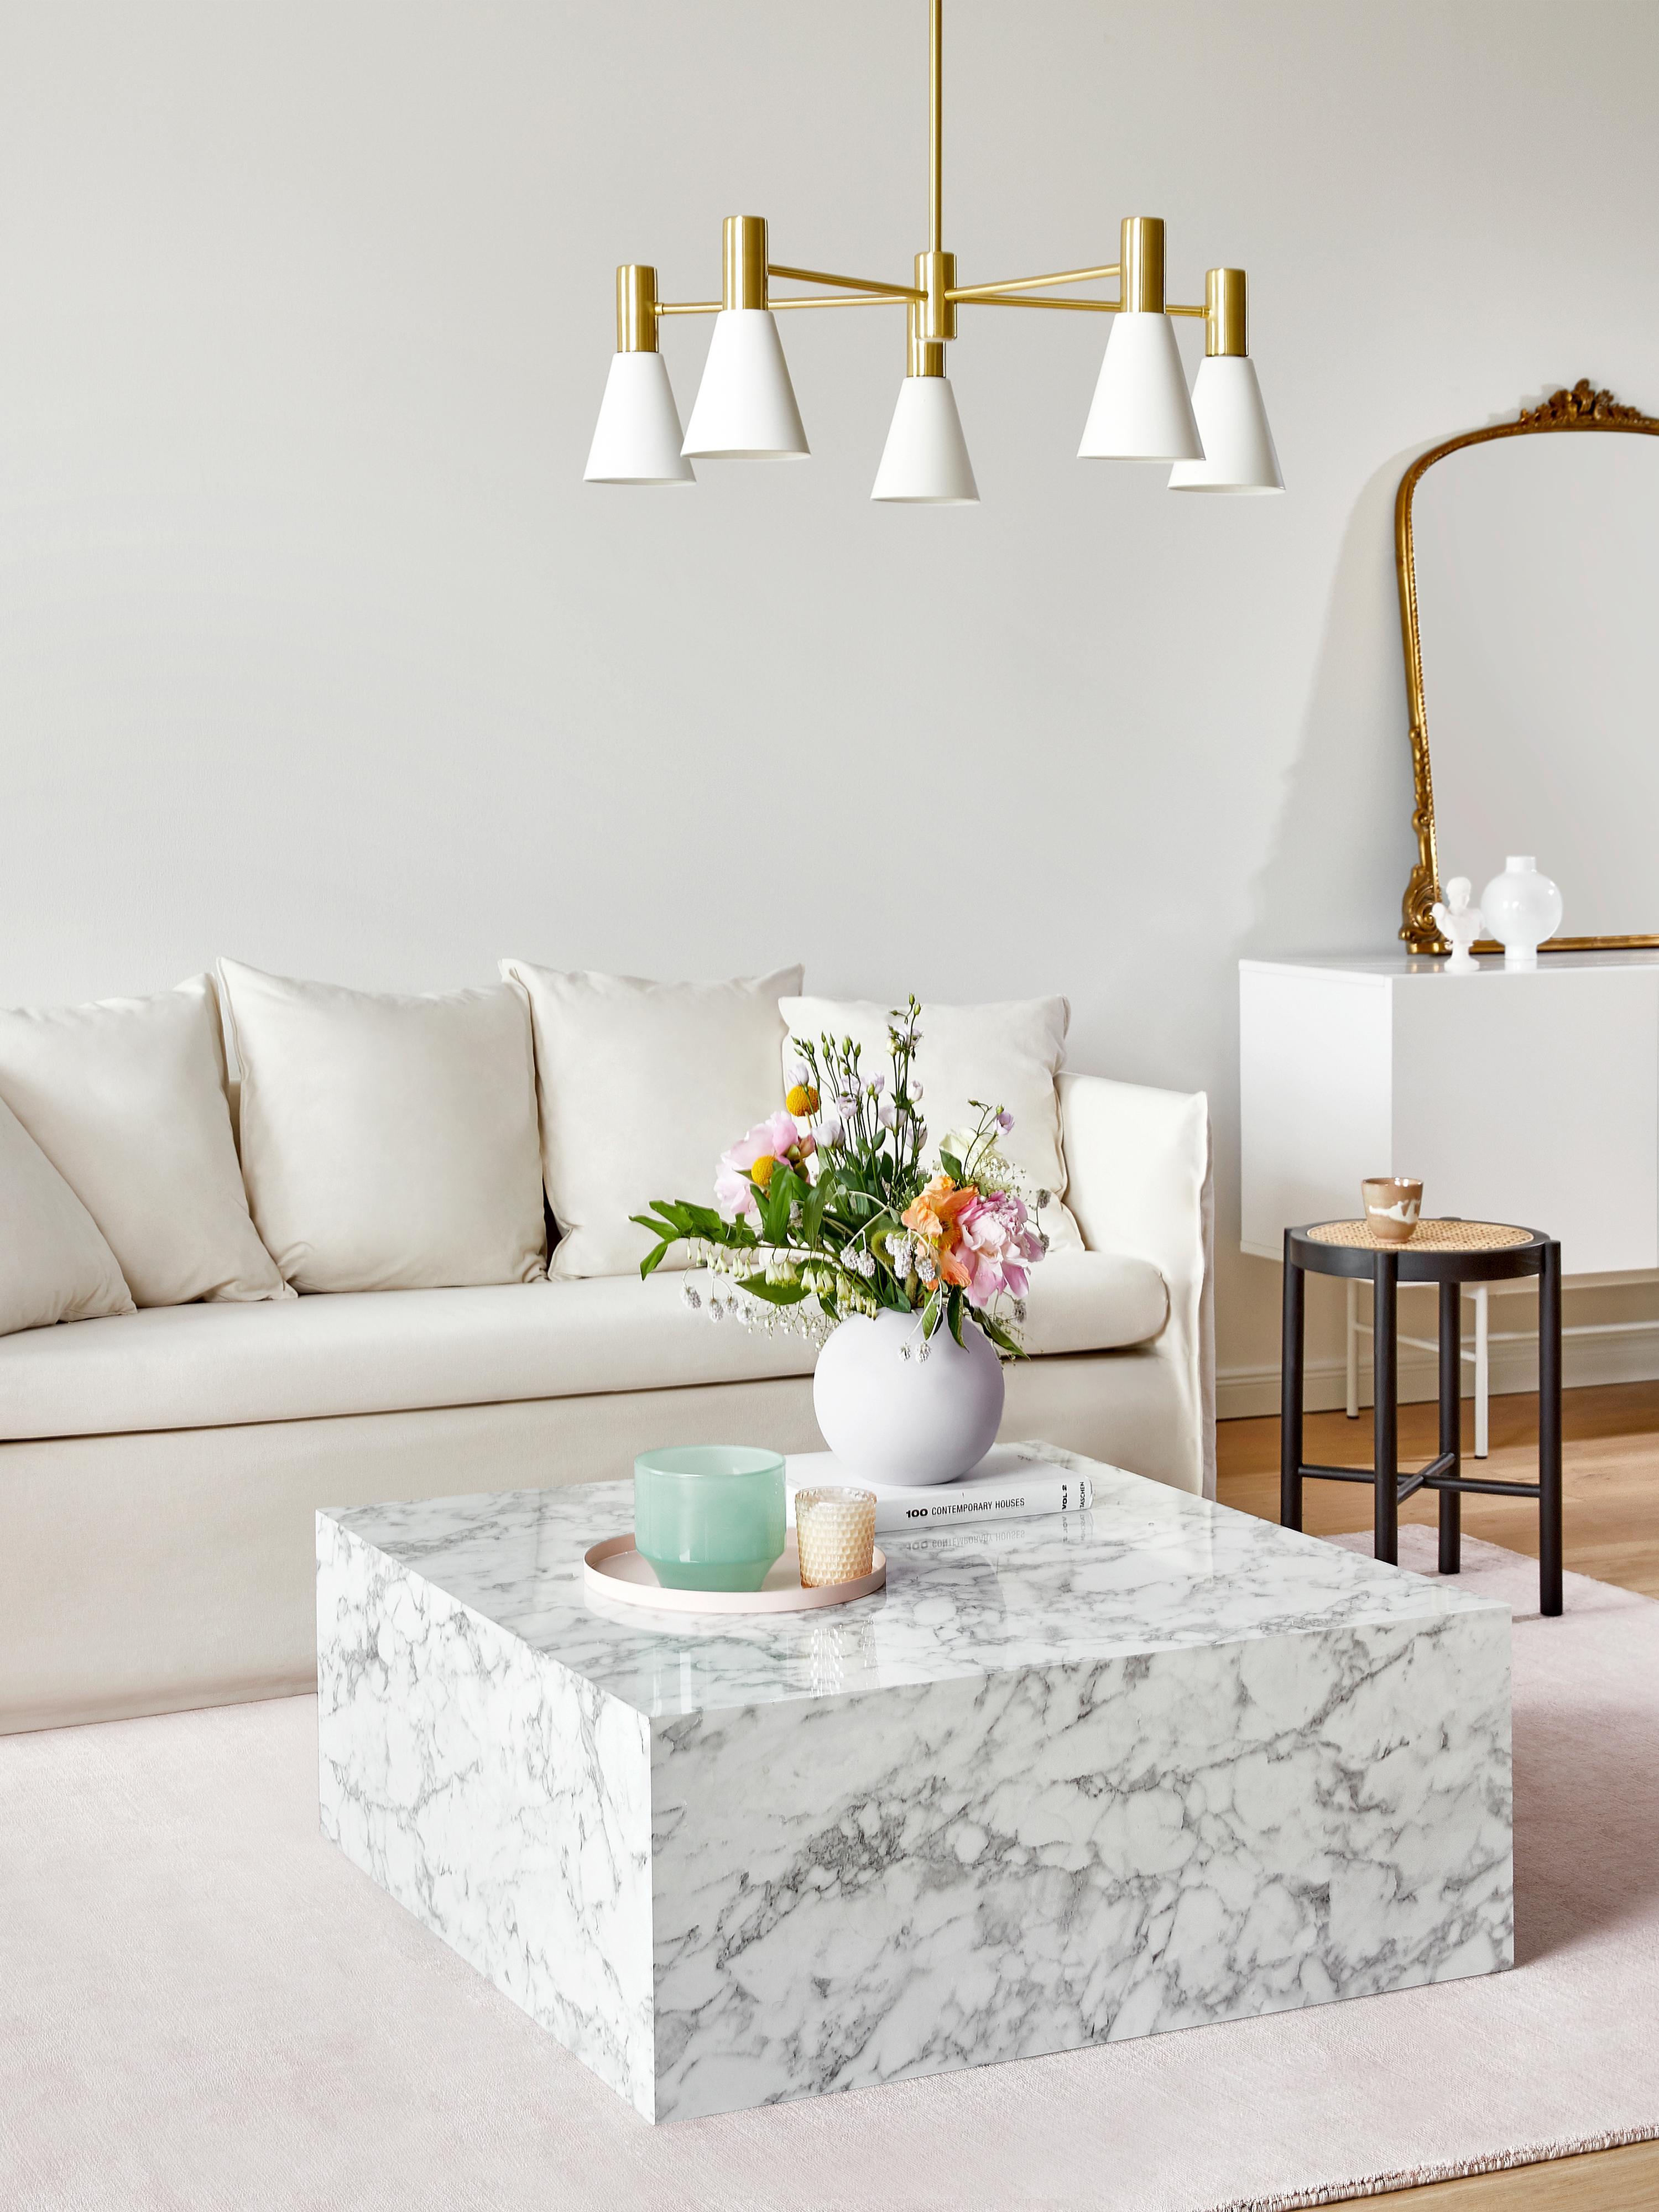 Hussen-Sofa Mila (3-Sitzer), Bezug: Baumwolle 26.000 Scheuert, Gestell: Massives Fichtenholz, Füße: Kunststoff, Cremeweiß, B 195 x T 82 cm